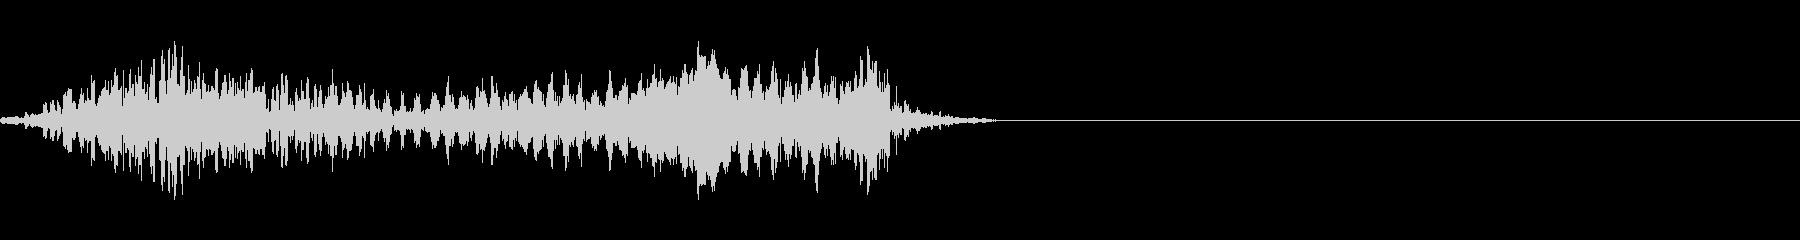 モンスターの発声に 7の未再生の波形